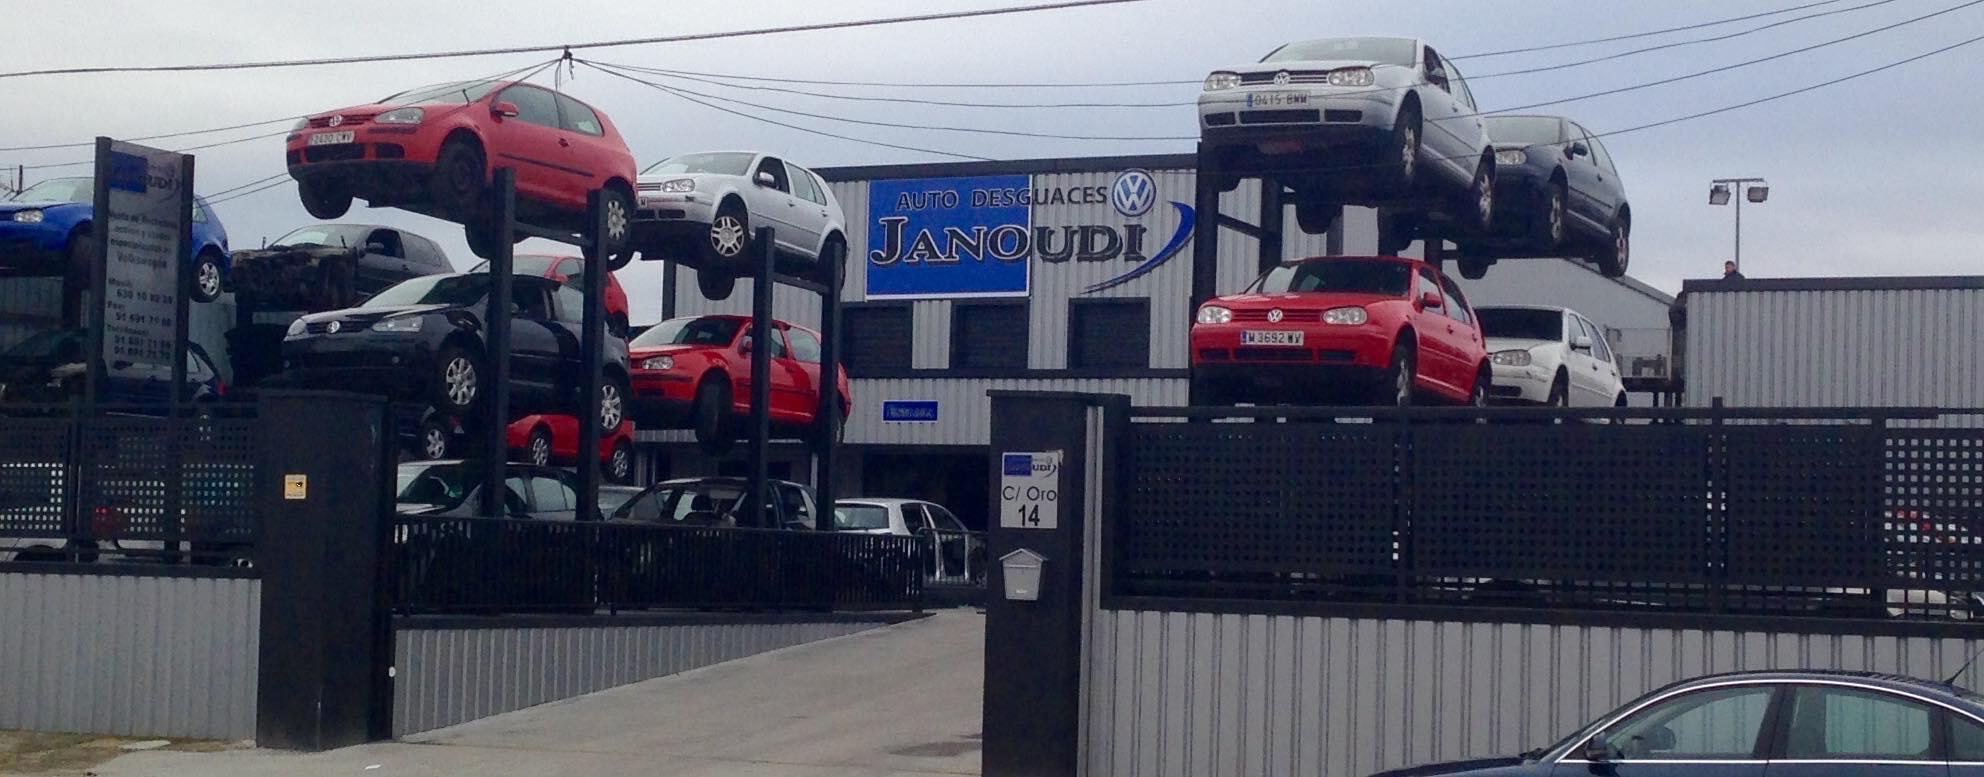 Auto Desguaces Janoudi San Martín de la Vega